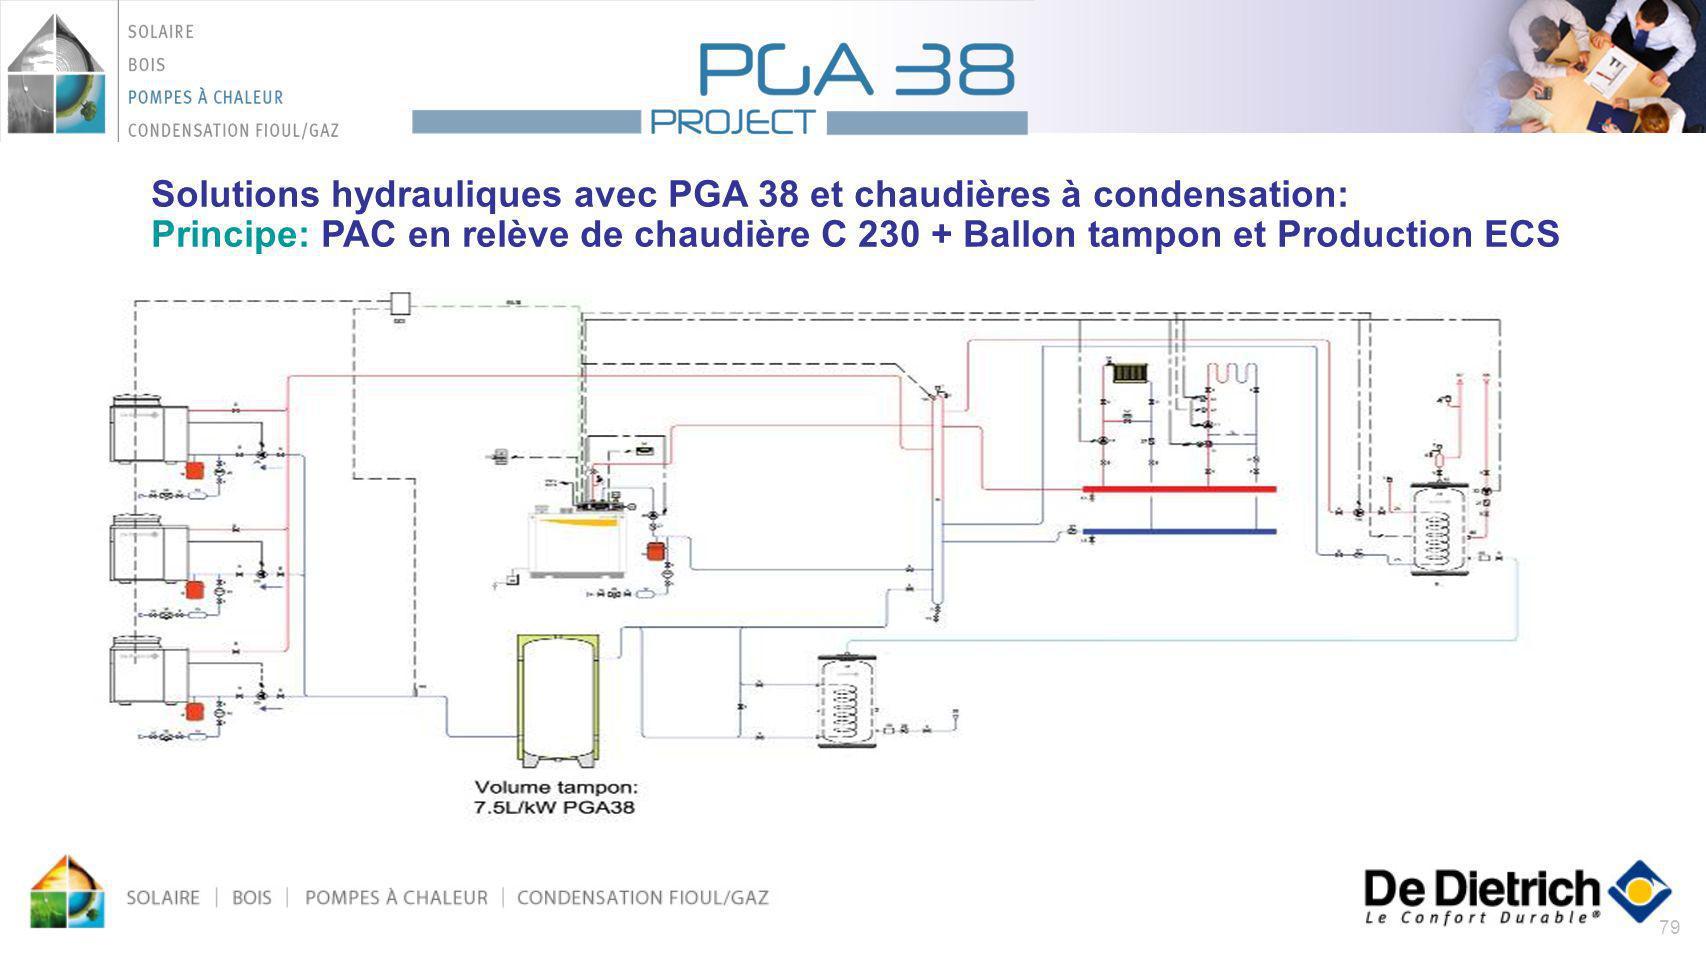 79 Solutions hydrauliques avec PGA 38 et chaudières à condensation: Principe: PAC en relève de chaudière C 230 + Ballon tampon et Production ECS